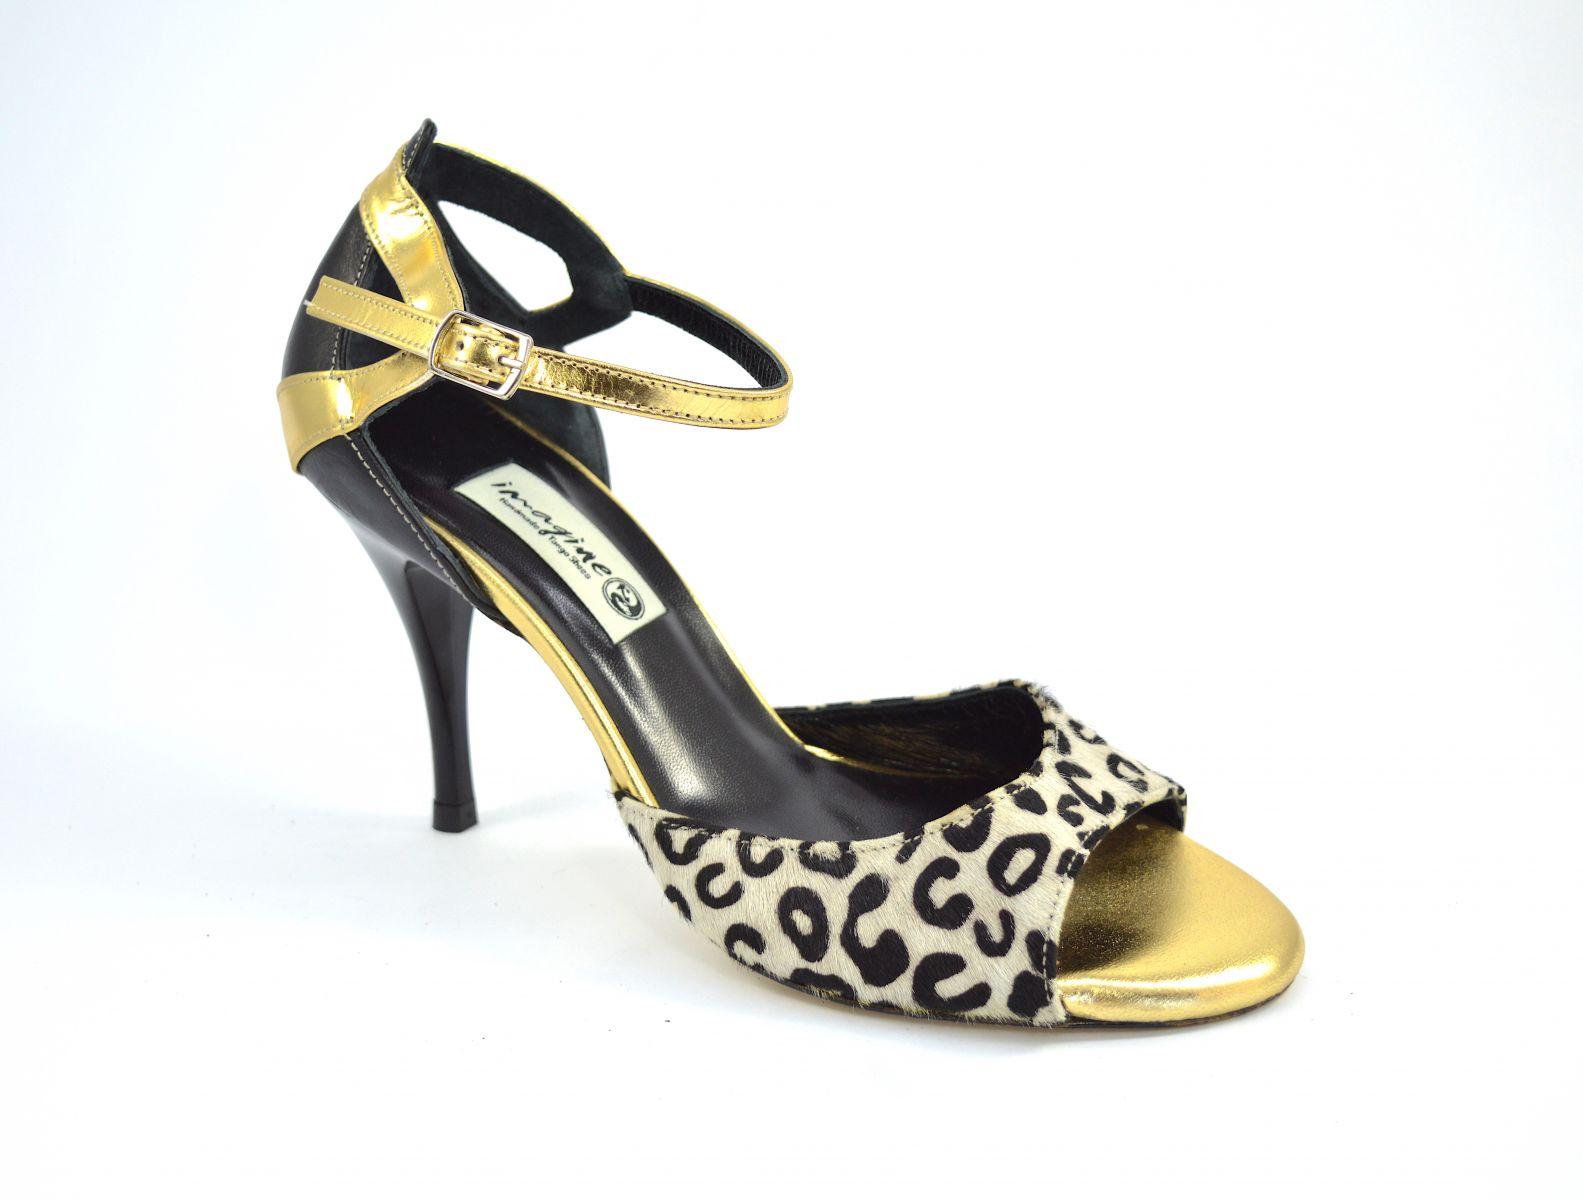 Γυναικείο παπούτσι Tango, από ασπρόμαυρο λεοπάρ και μαύρο-χρυσό δέρμα